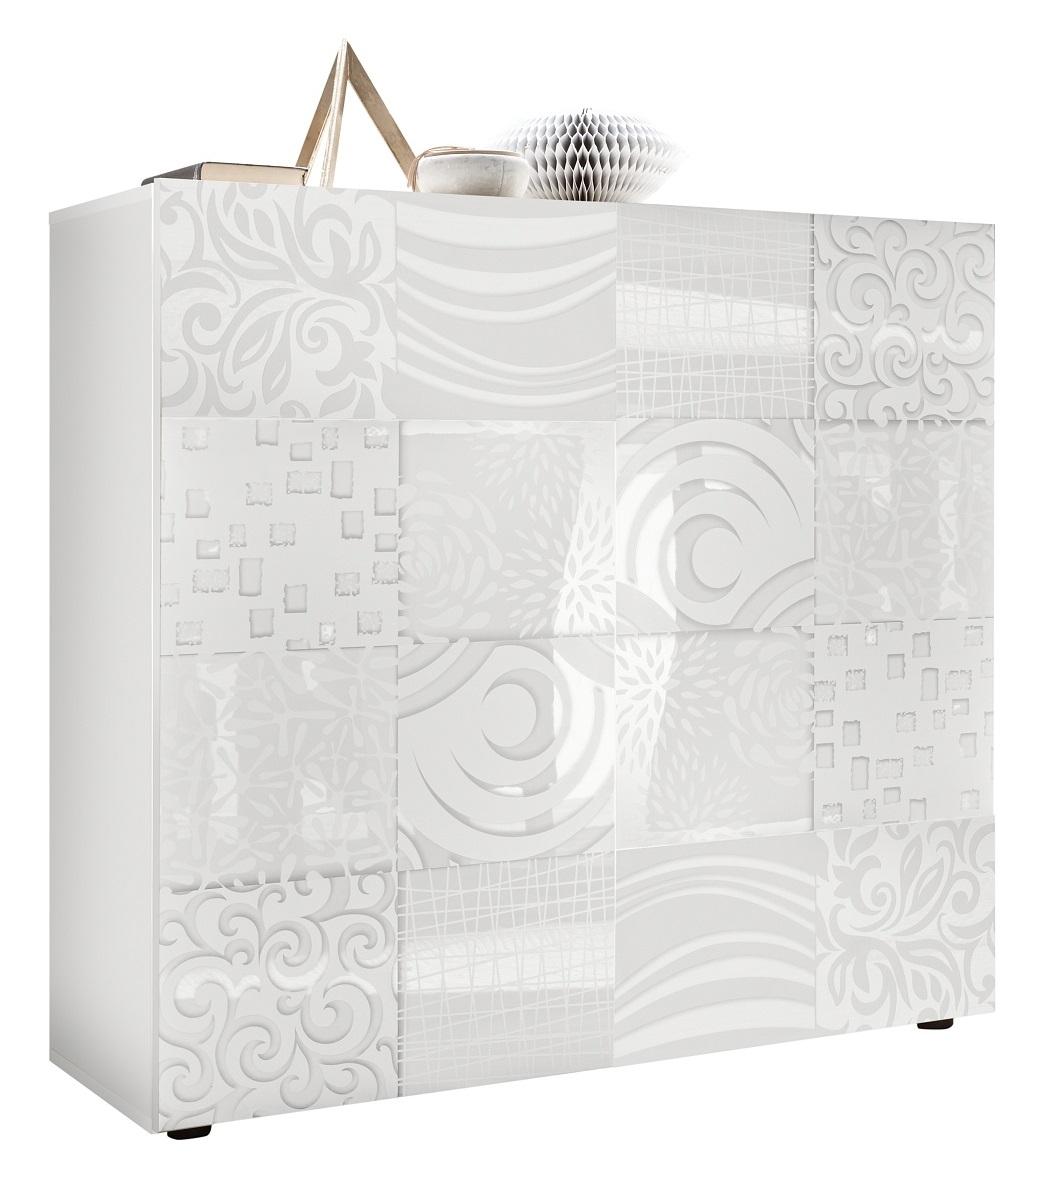 Opbergkast Miro 111 cm hoog in hoogglans wit